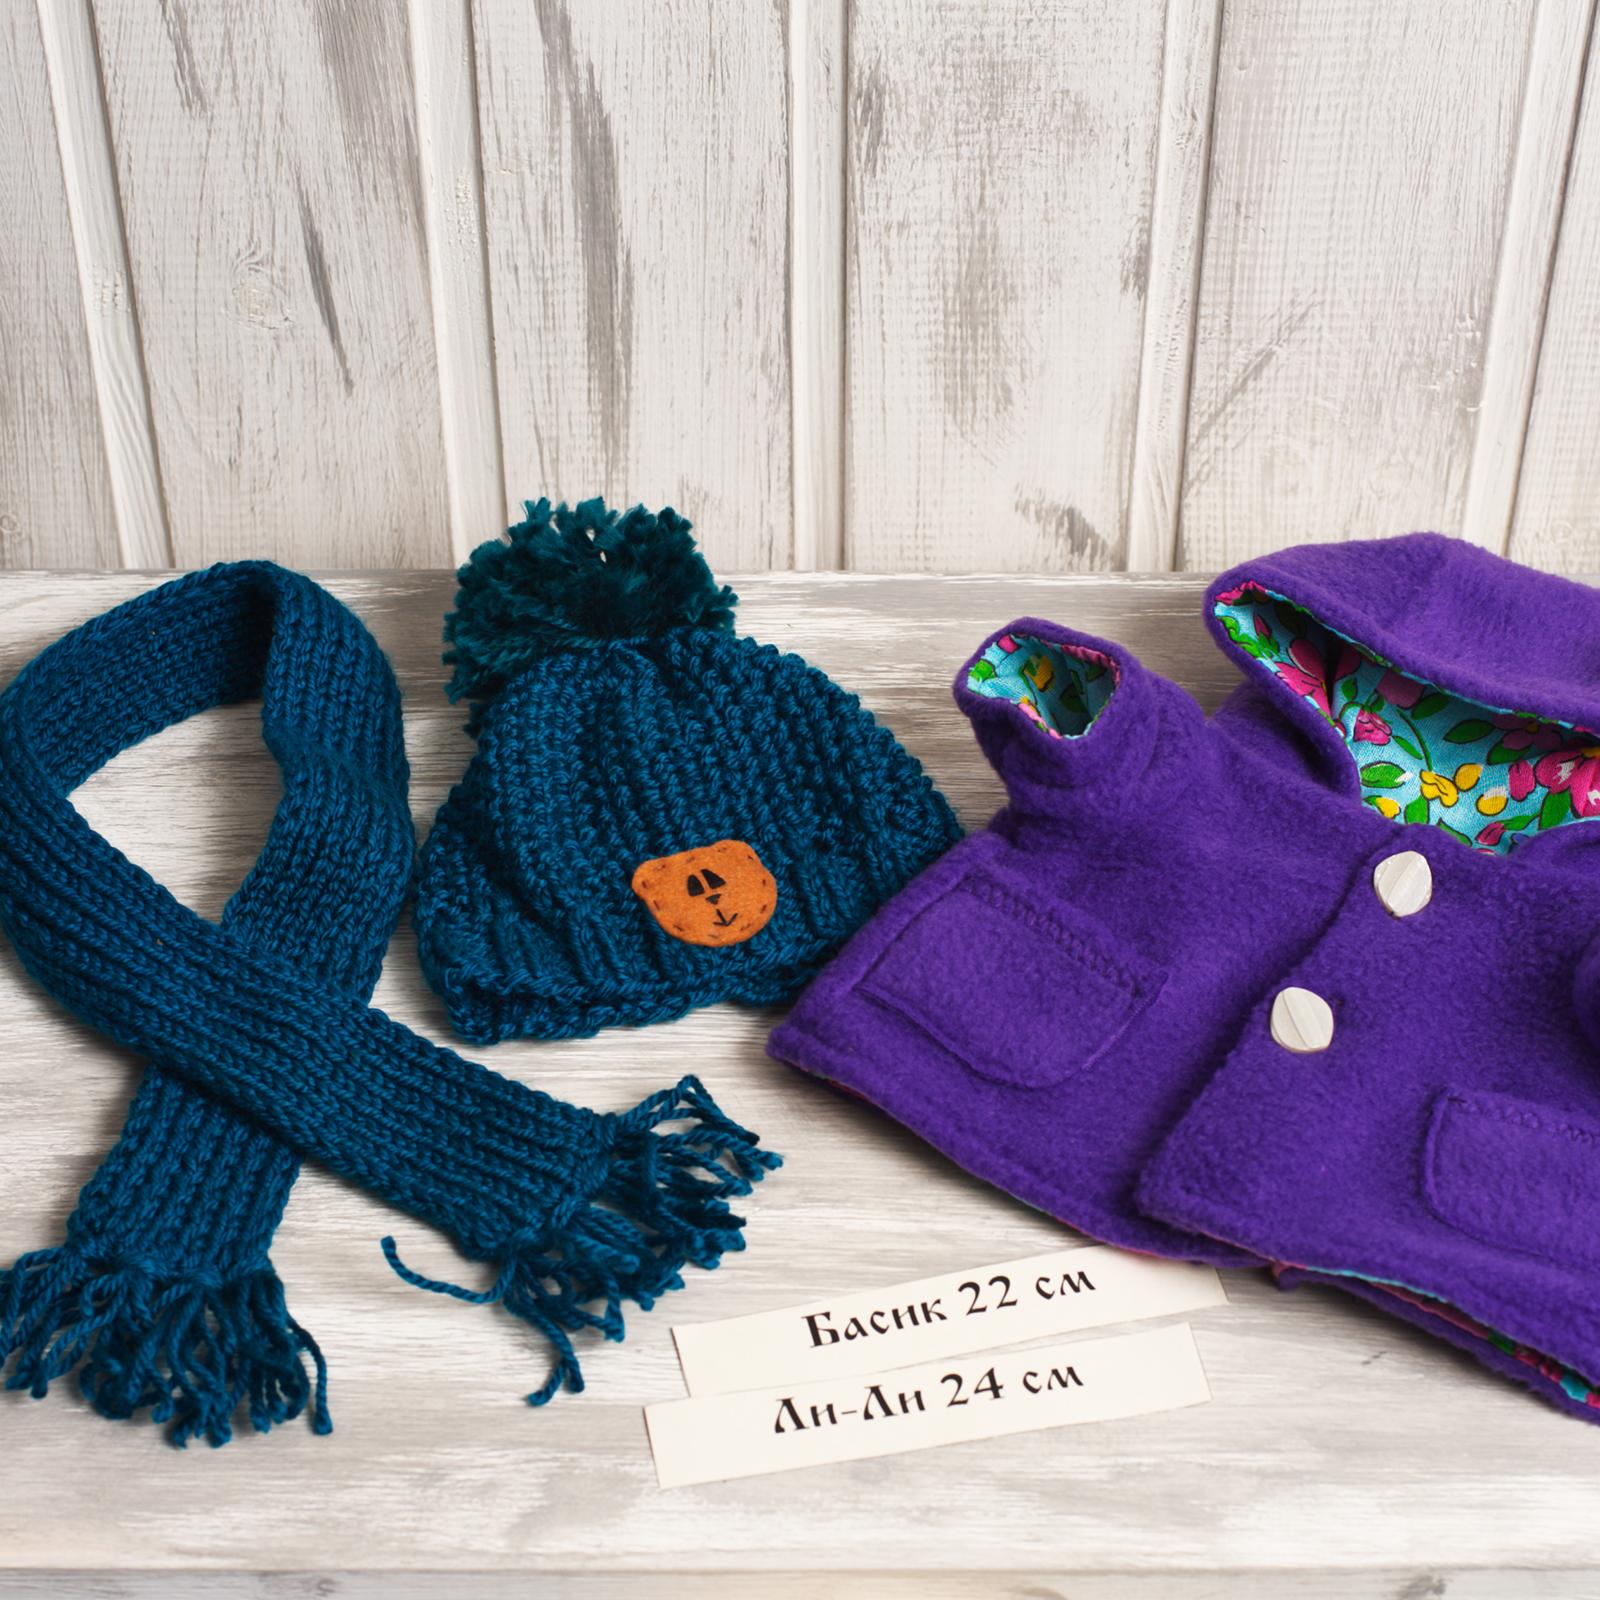 Акция, выгода 50₽! Пальто фиолетовое, шапочка и шарф